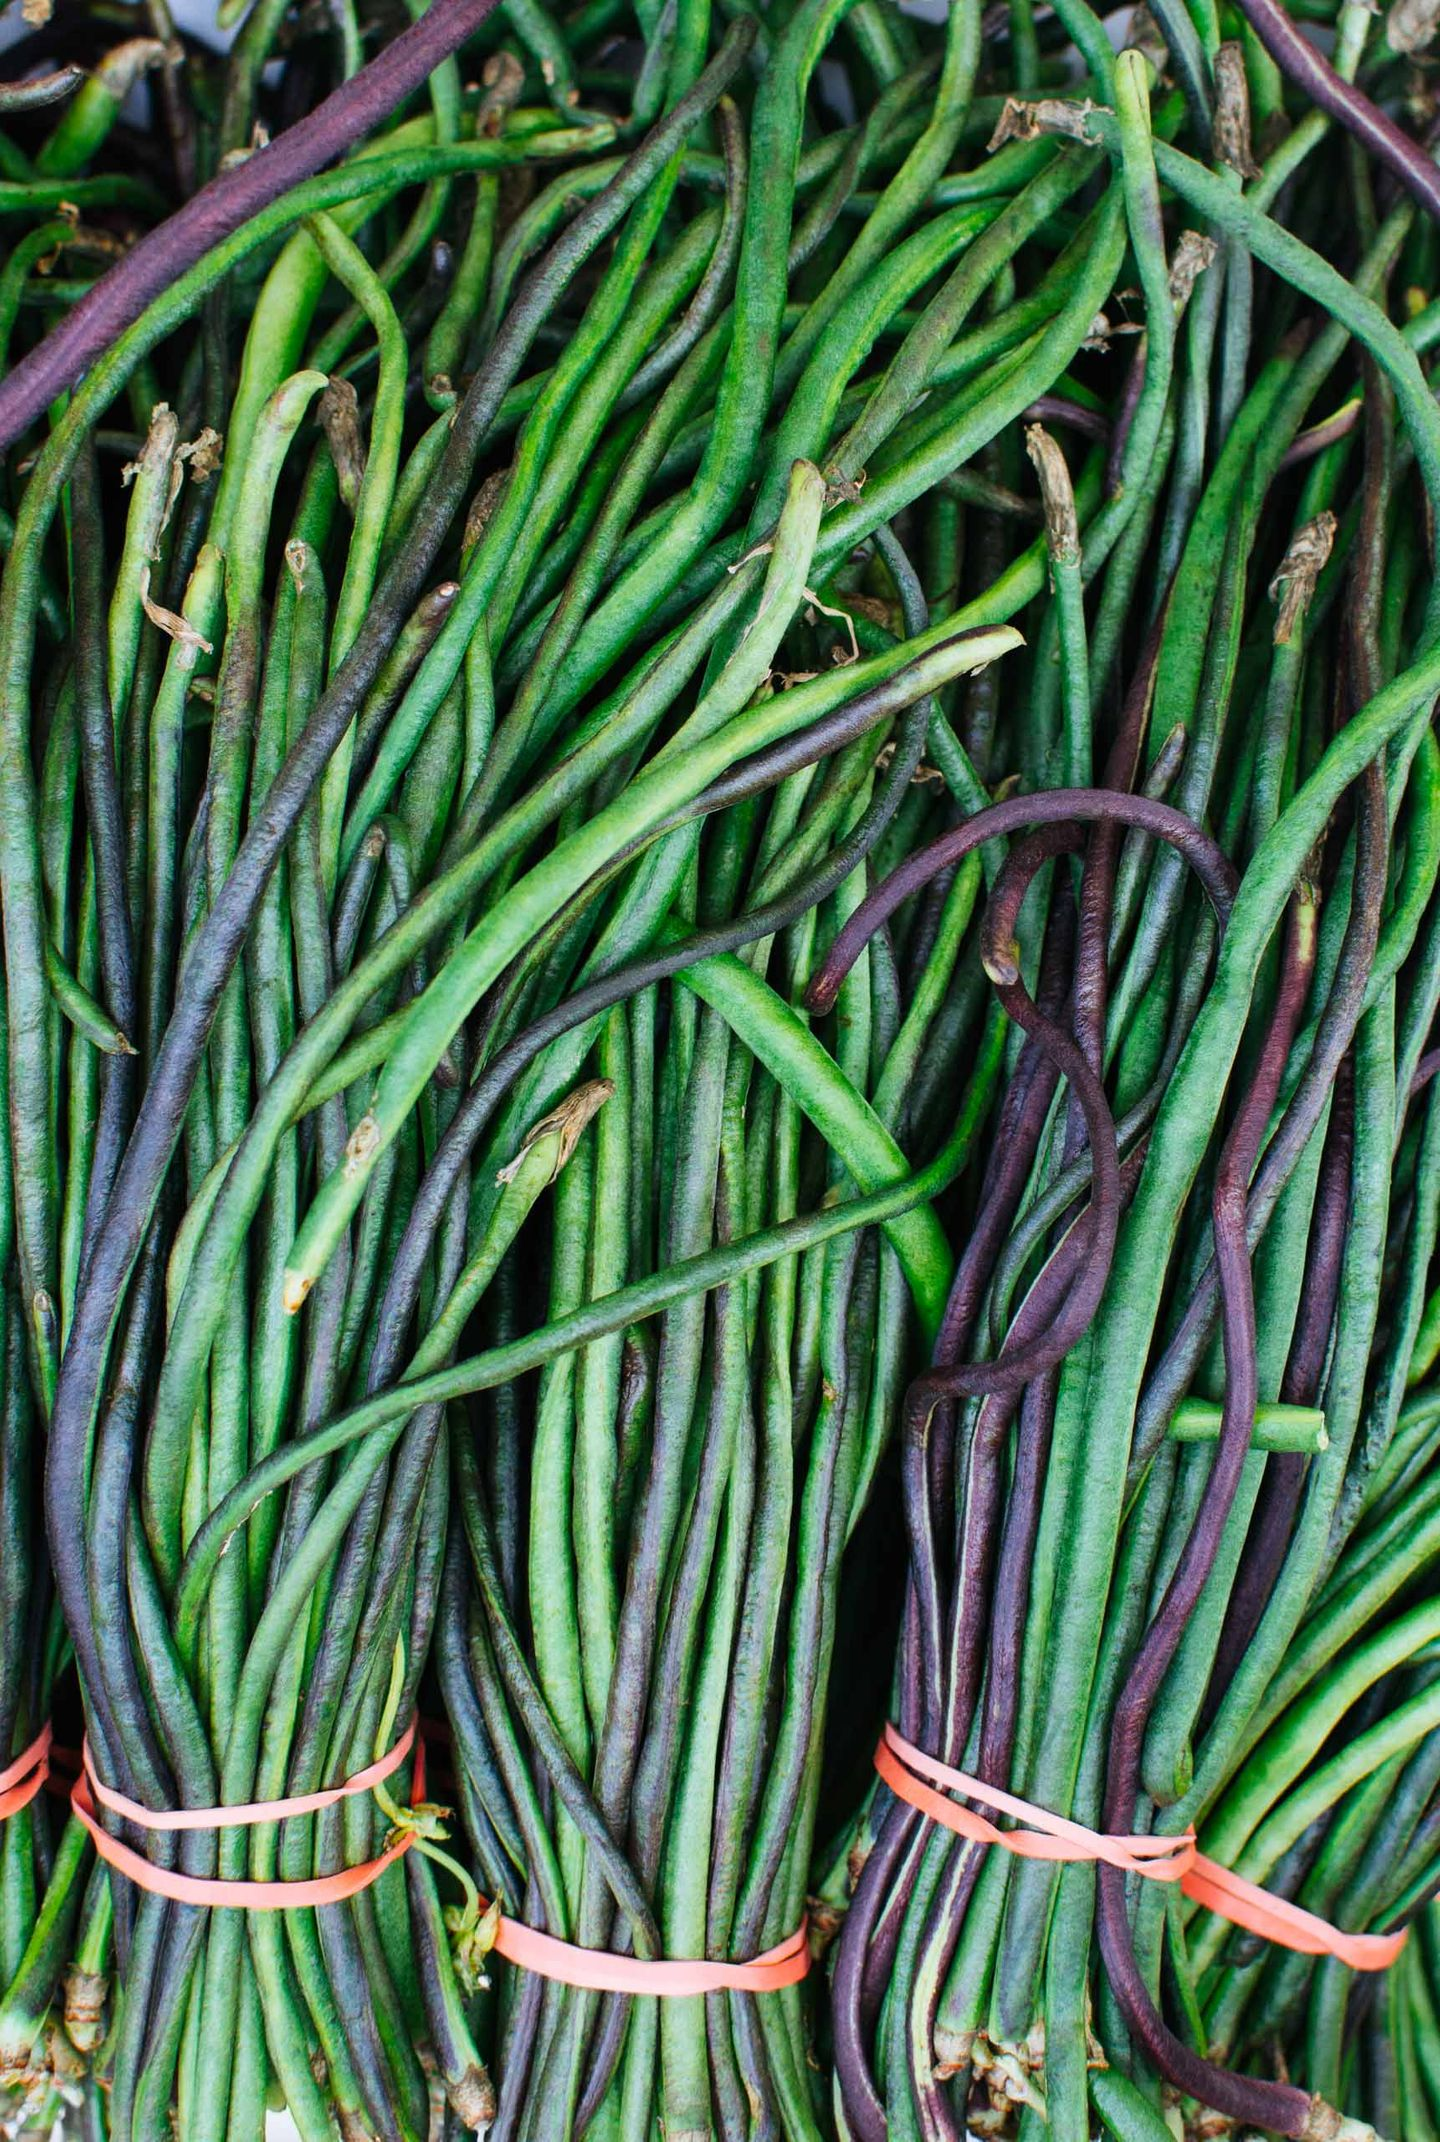 Green fresh long beans